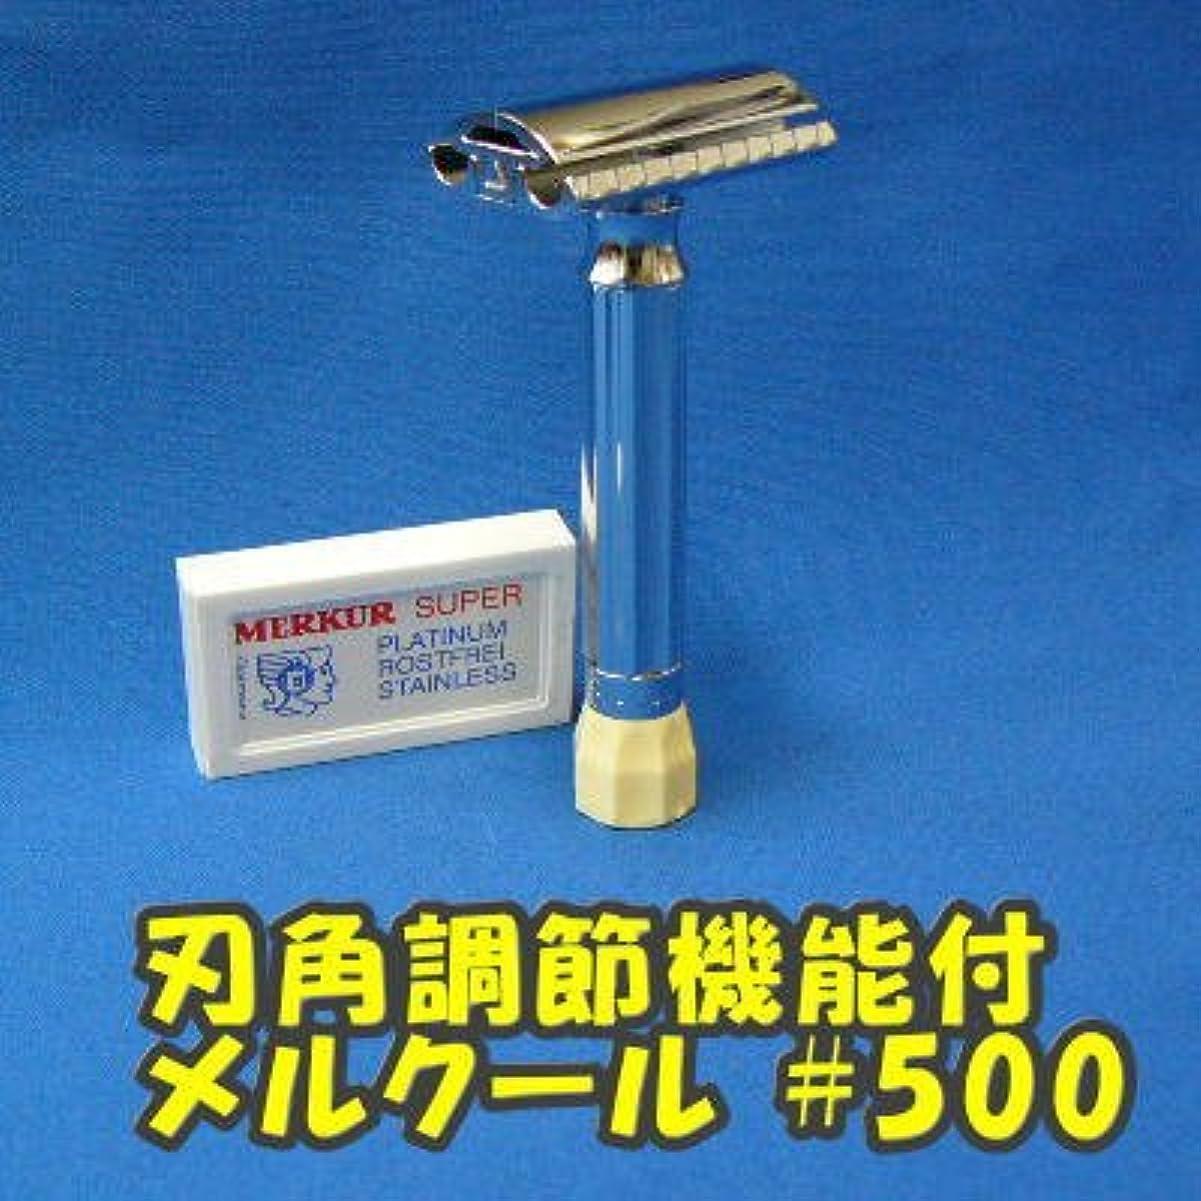 タウポ湖グラマーホストメルクール髭剃り(ひげそり)570 PROGRESS(プログレス)